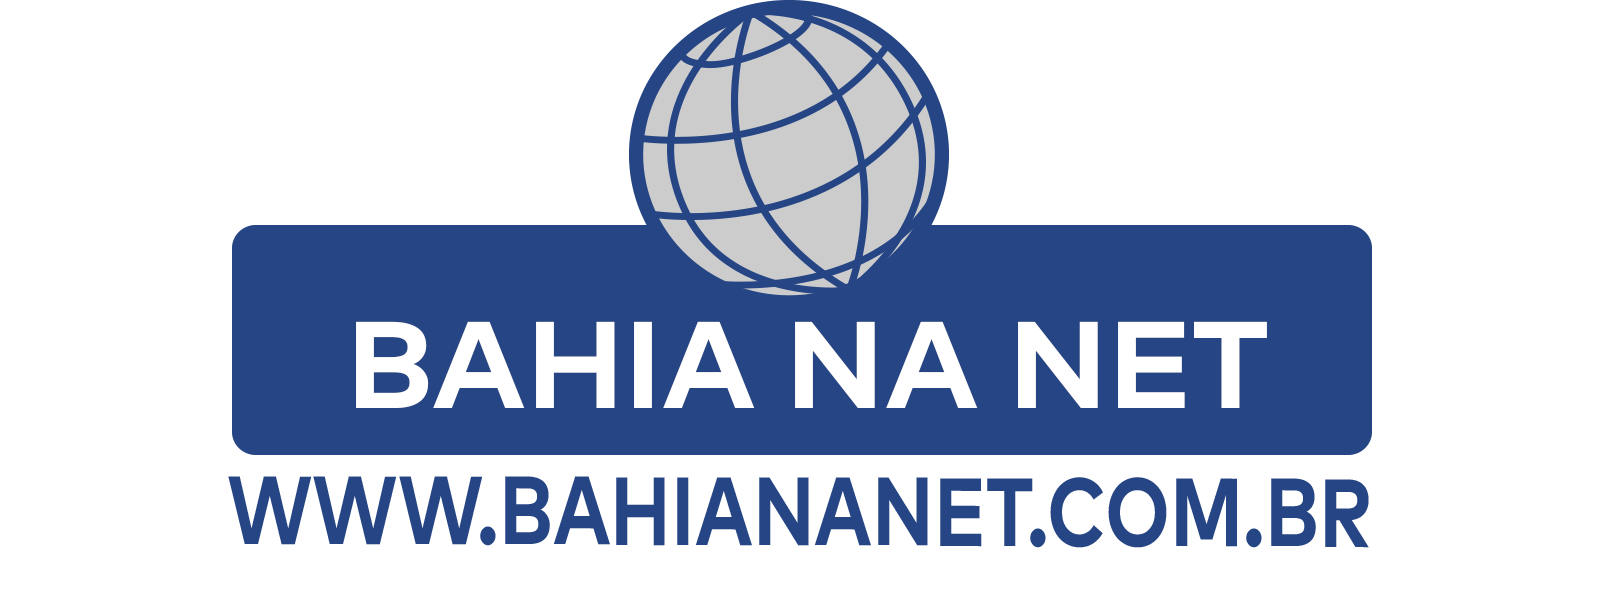 Bahia na net